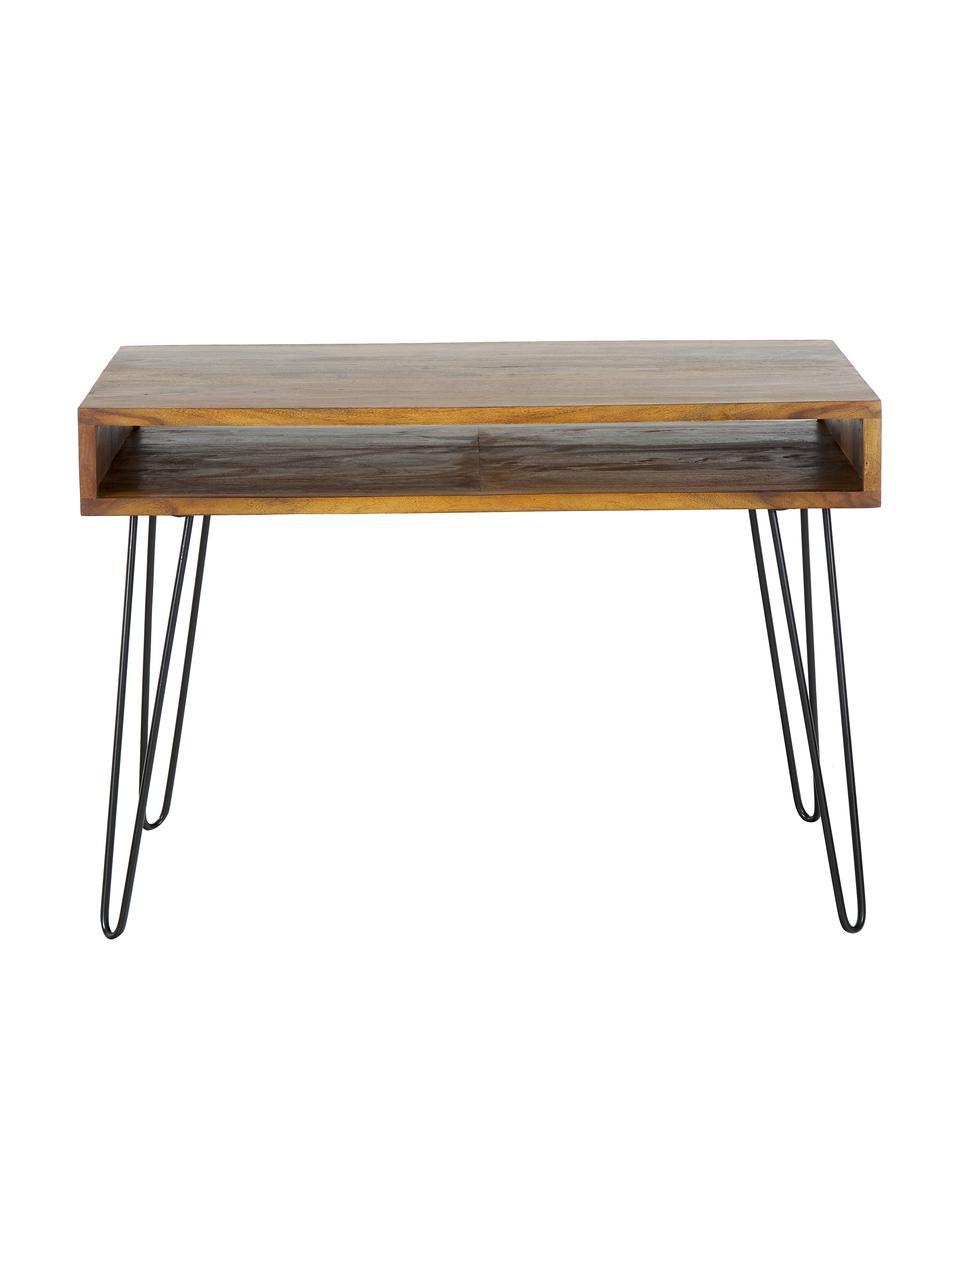 Biurko z drewna i metalu Repa, Korpus: lite drewno sheesham, lak, Nogi: metal lakierowany, Drewno palisandrowe, czarny, S 110 x W 76 cm